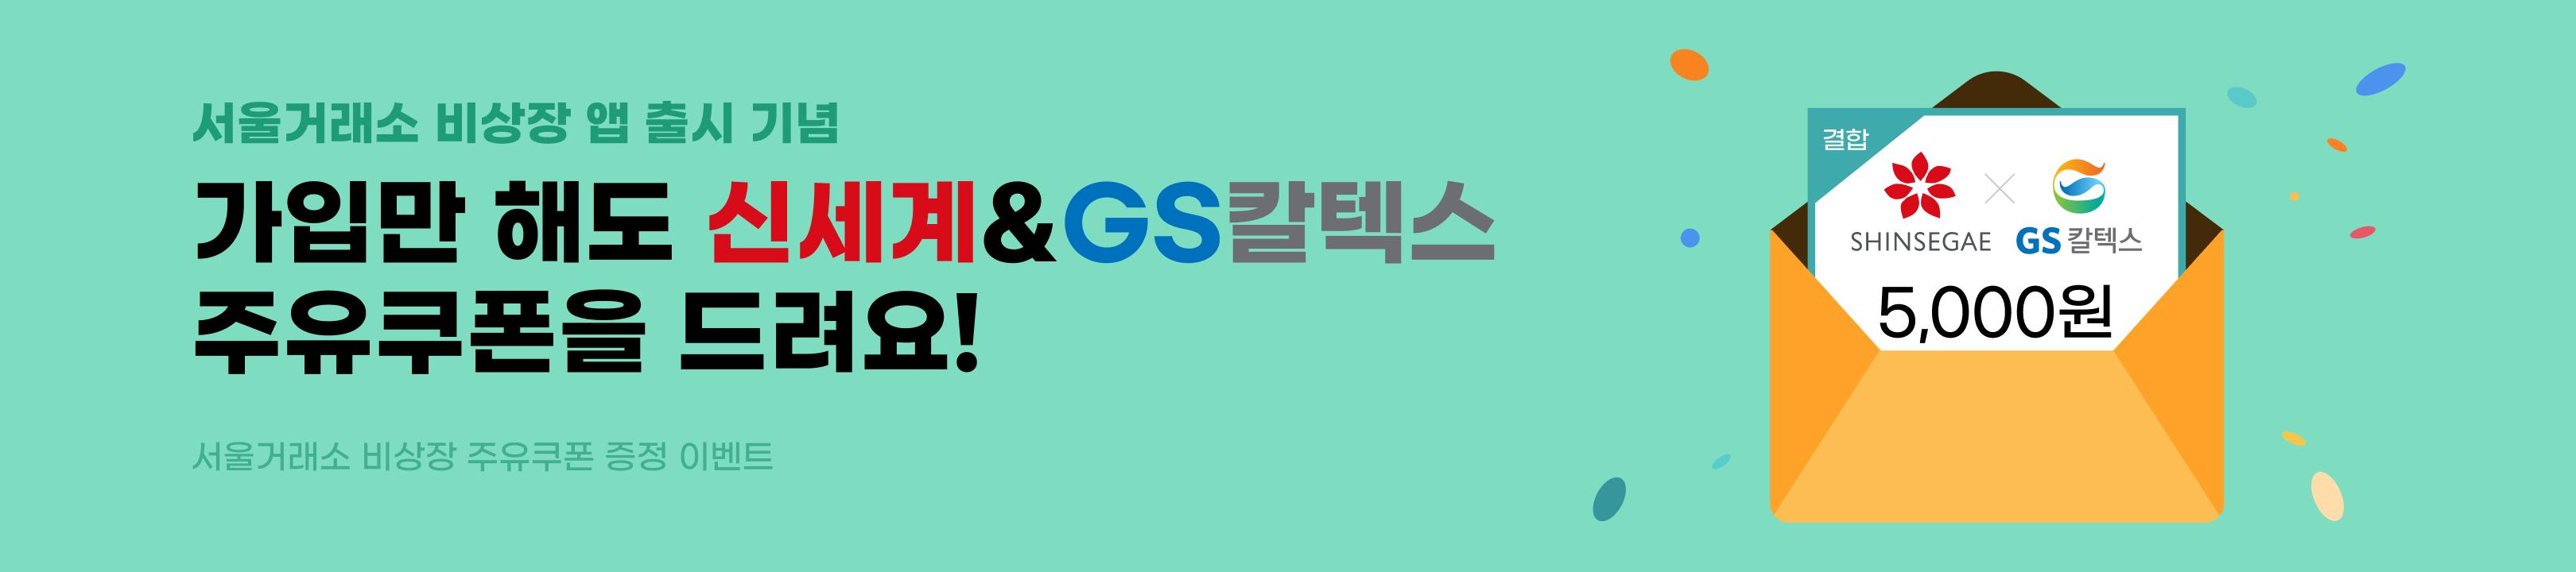 [서울거래소 비상장 앱 출시 기념] 신세계&GS칼텍스 주유쿠폰 증정 이벤트 이미지